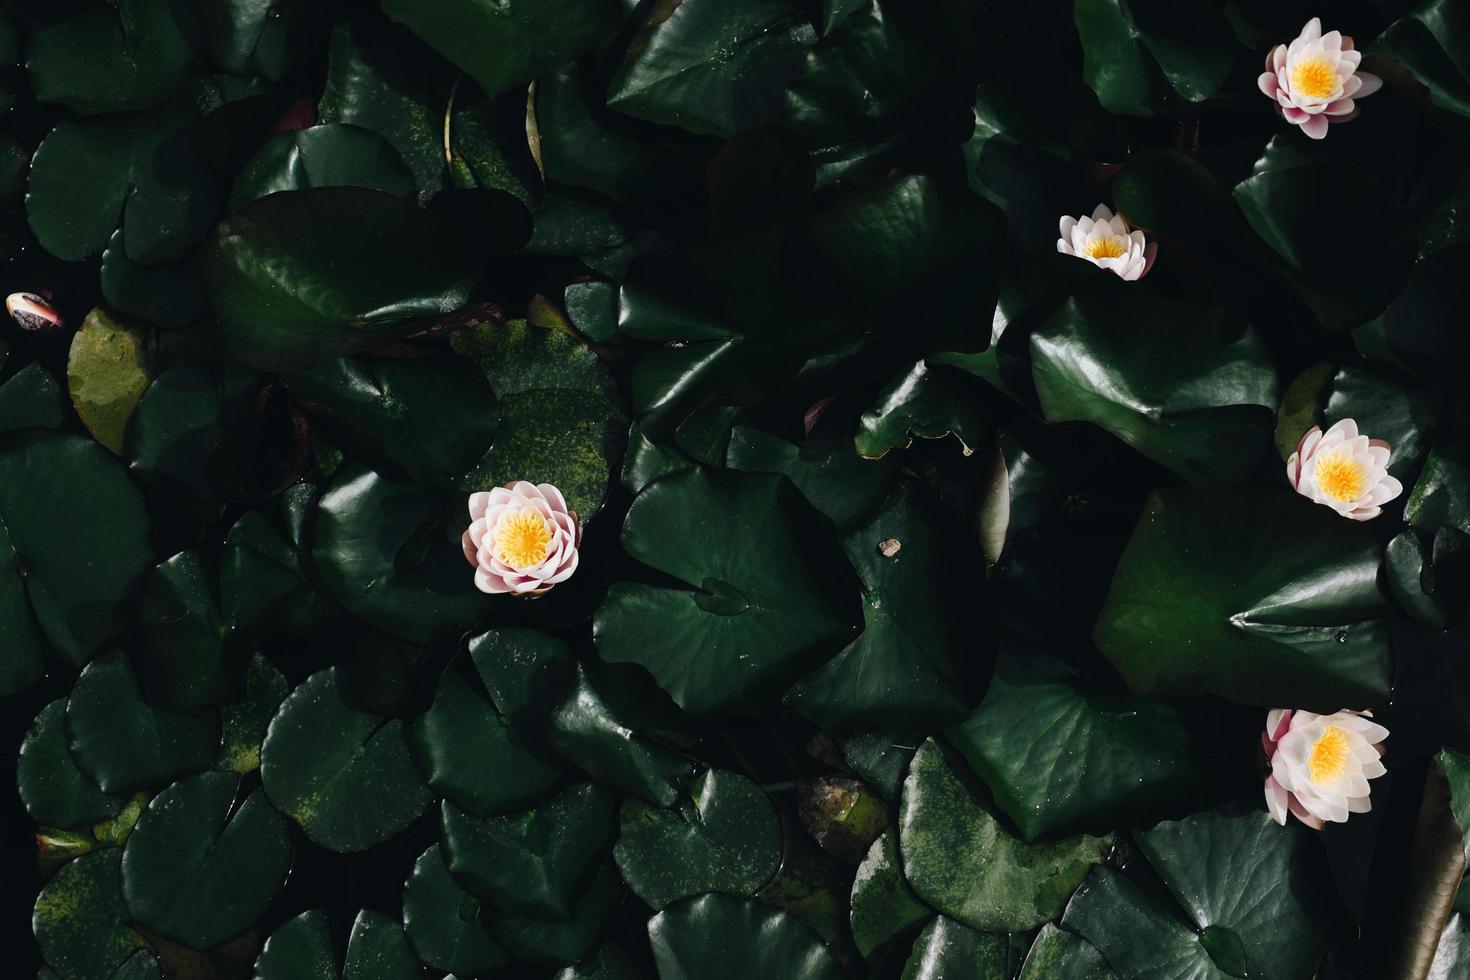 White lotus flower photo